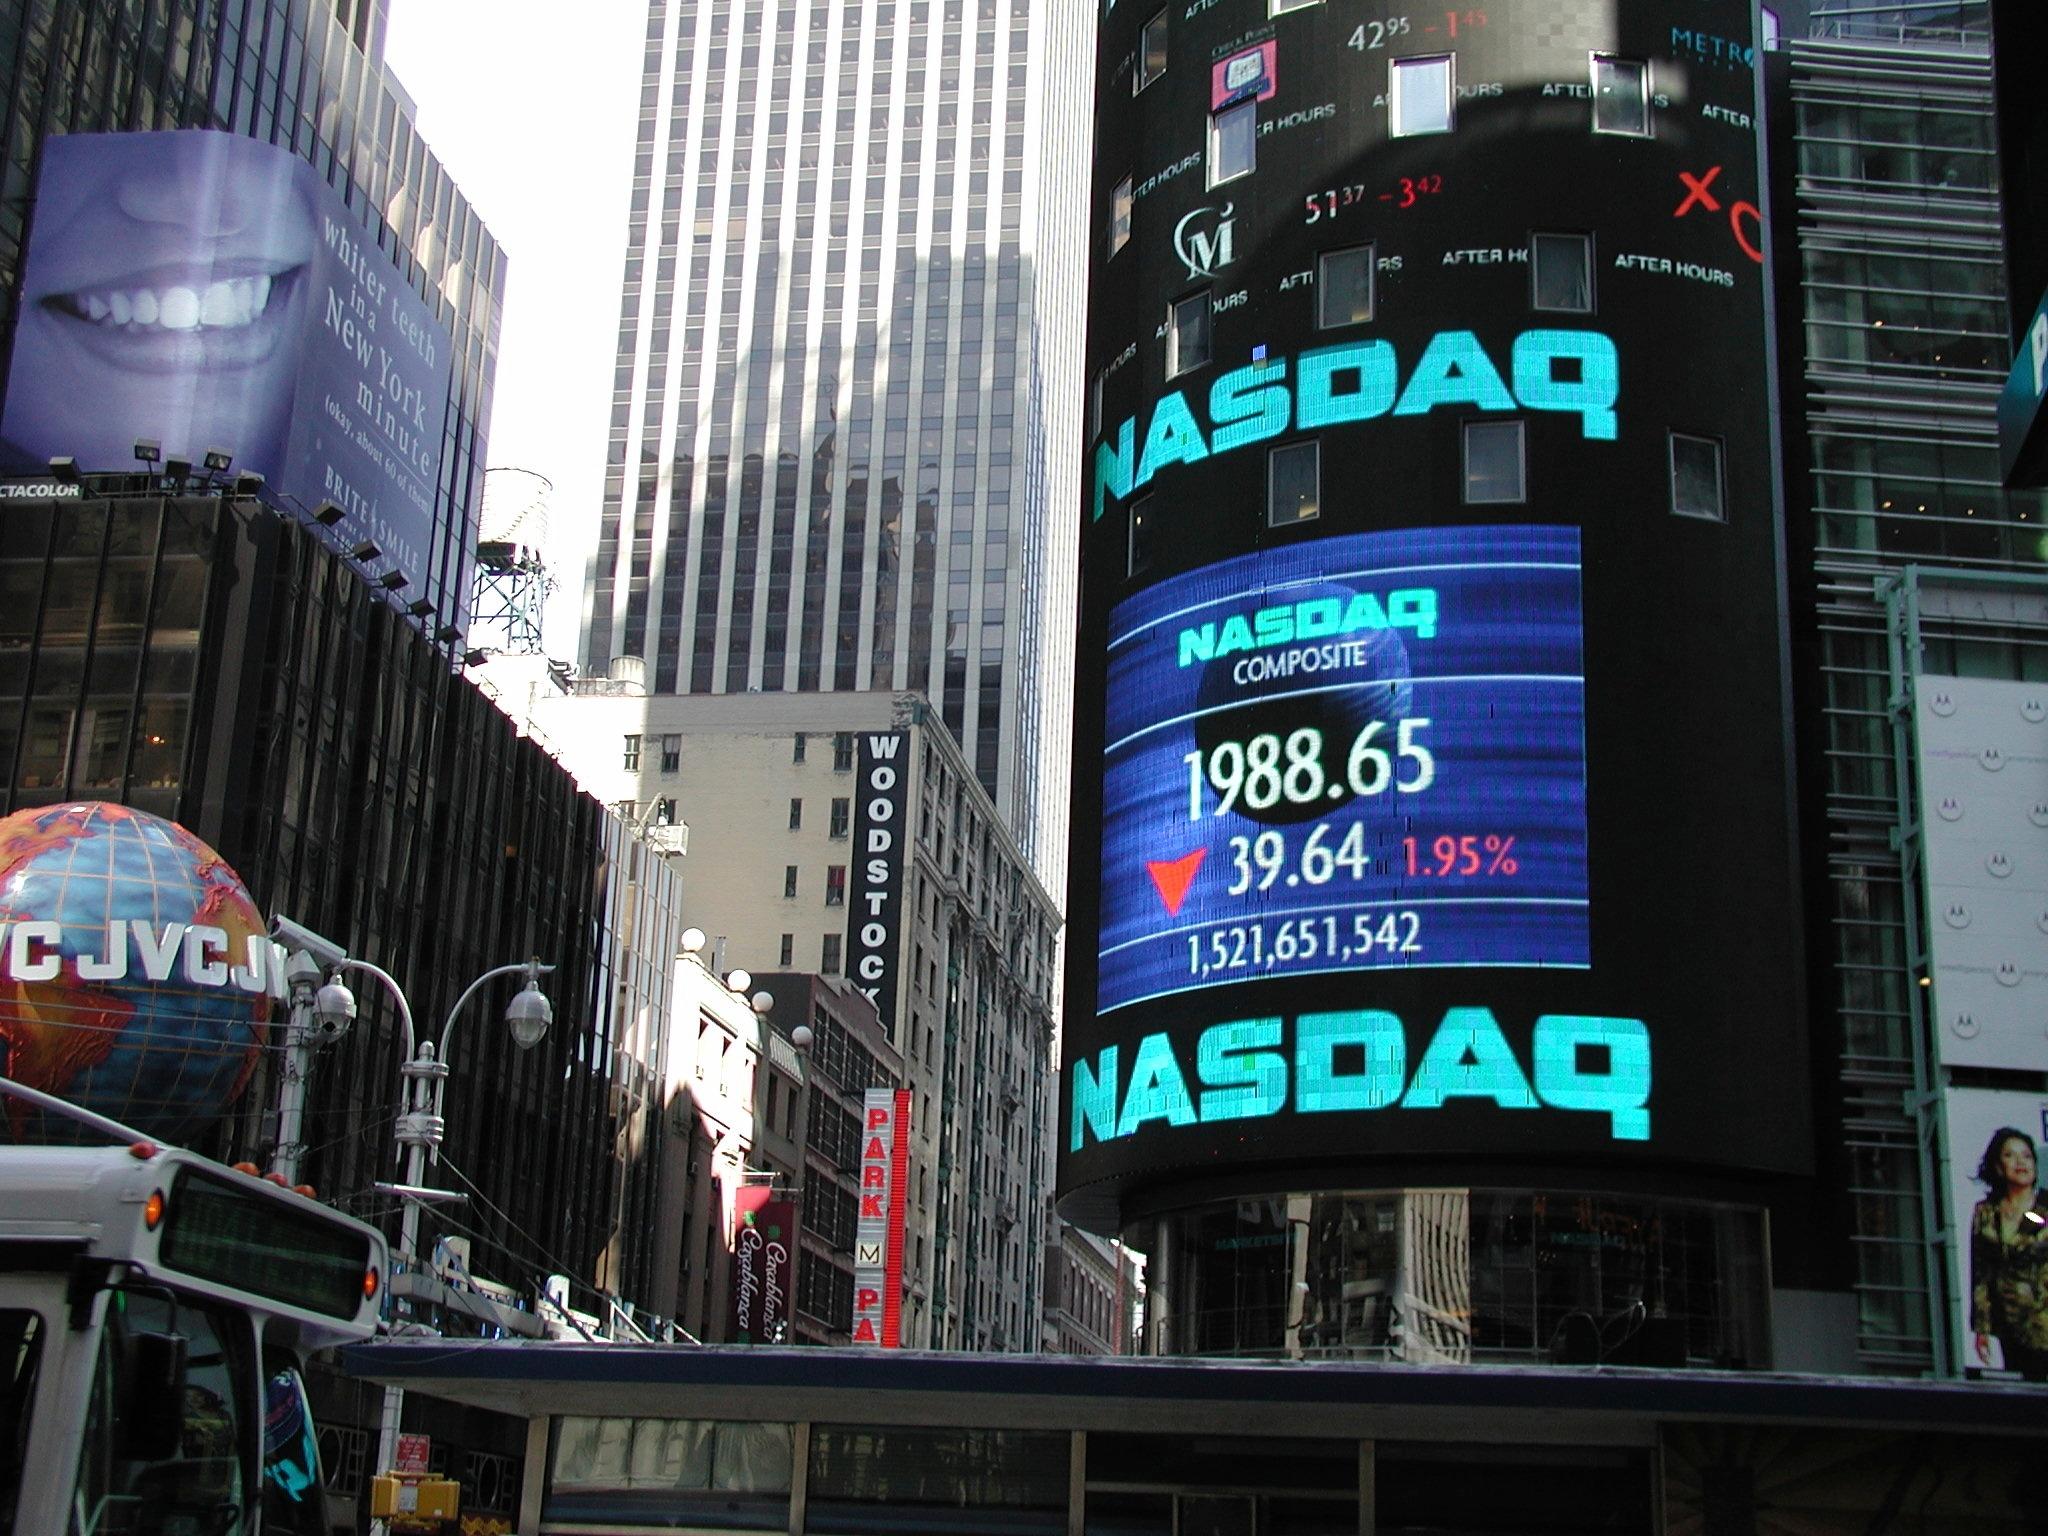 NASDAQ_Landscape_iStock_000039895830_Medium.jpg